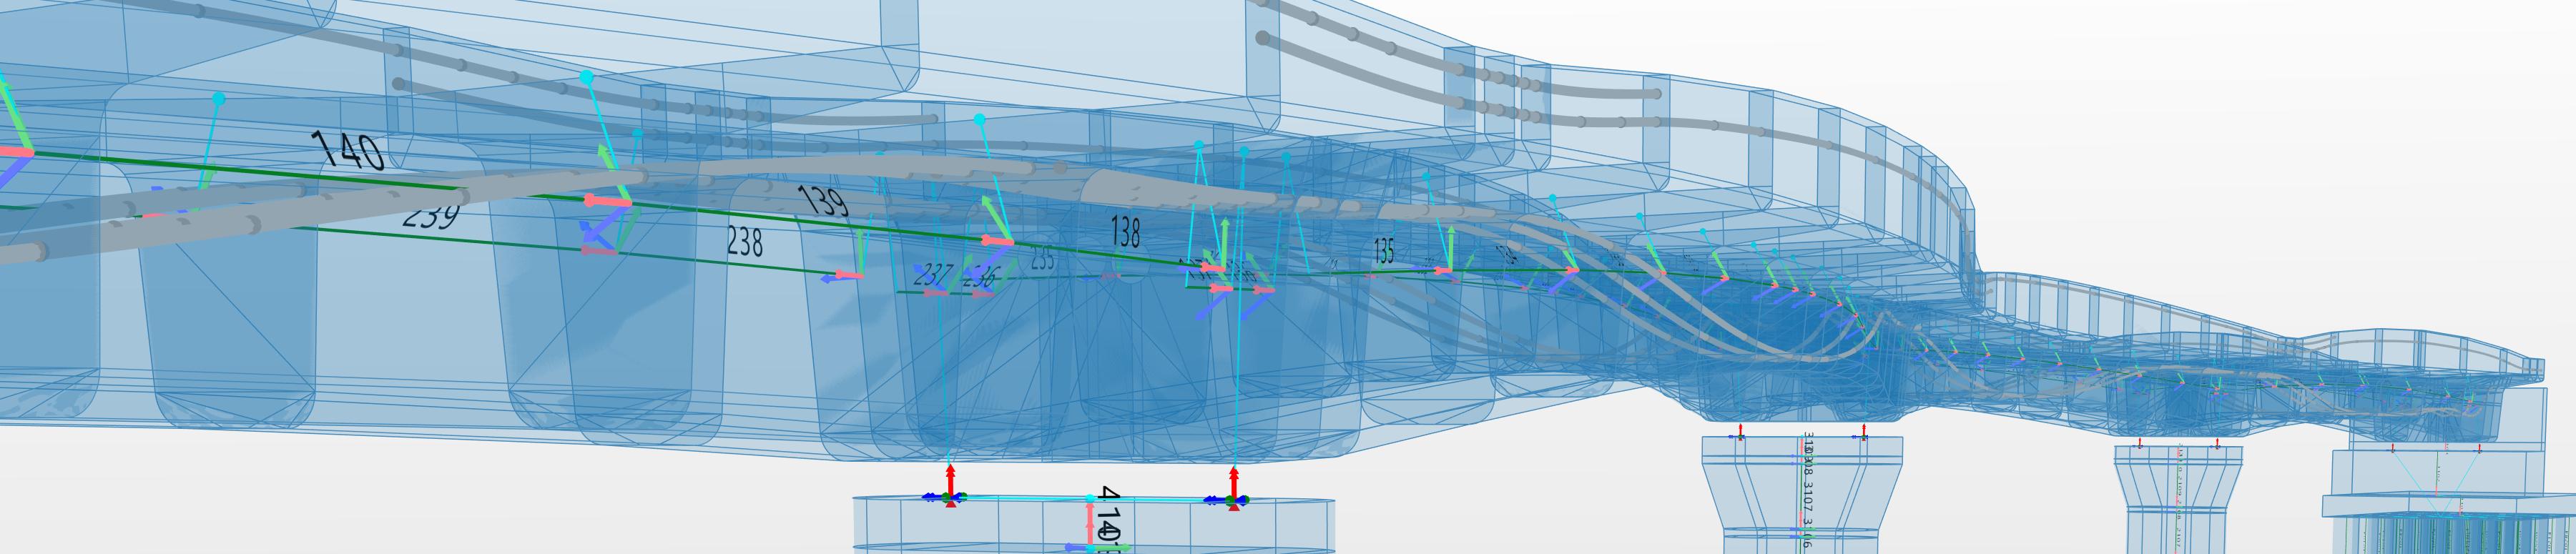 Análisis estructural en Allplan Bridge.